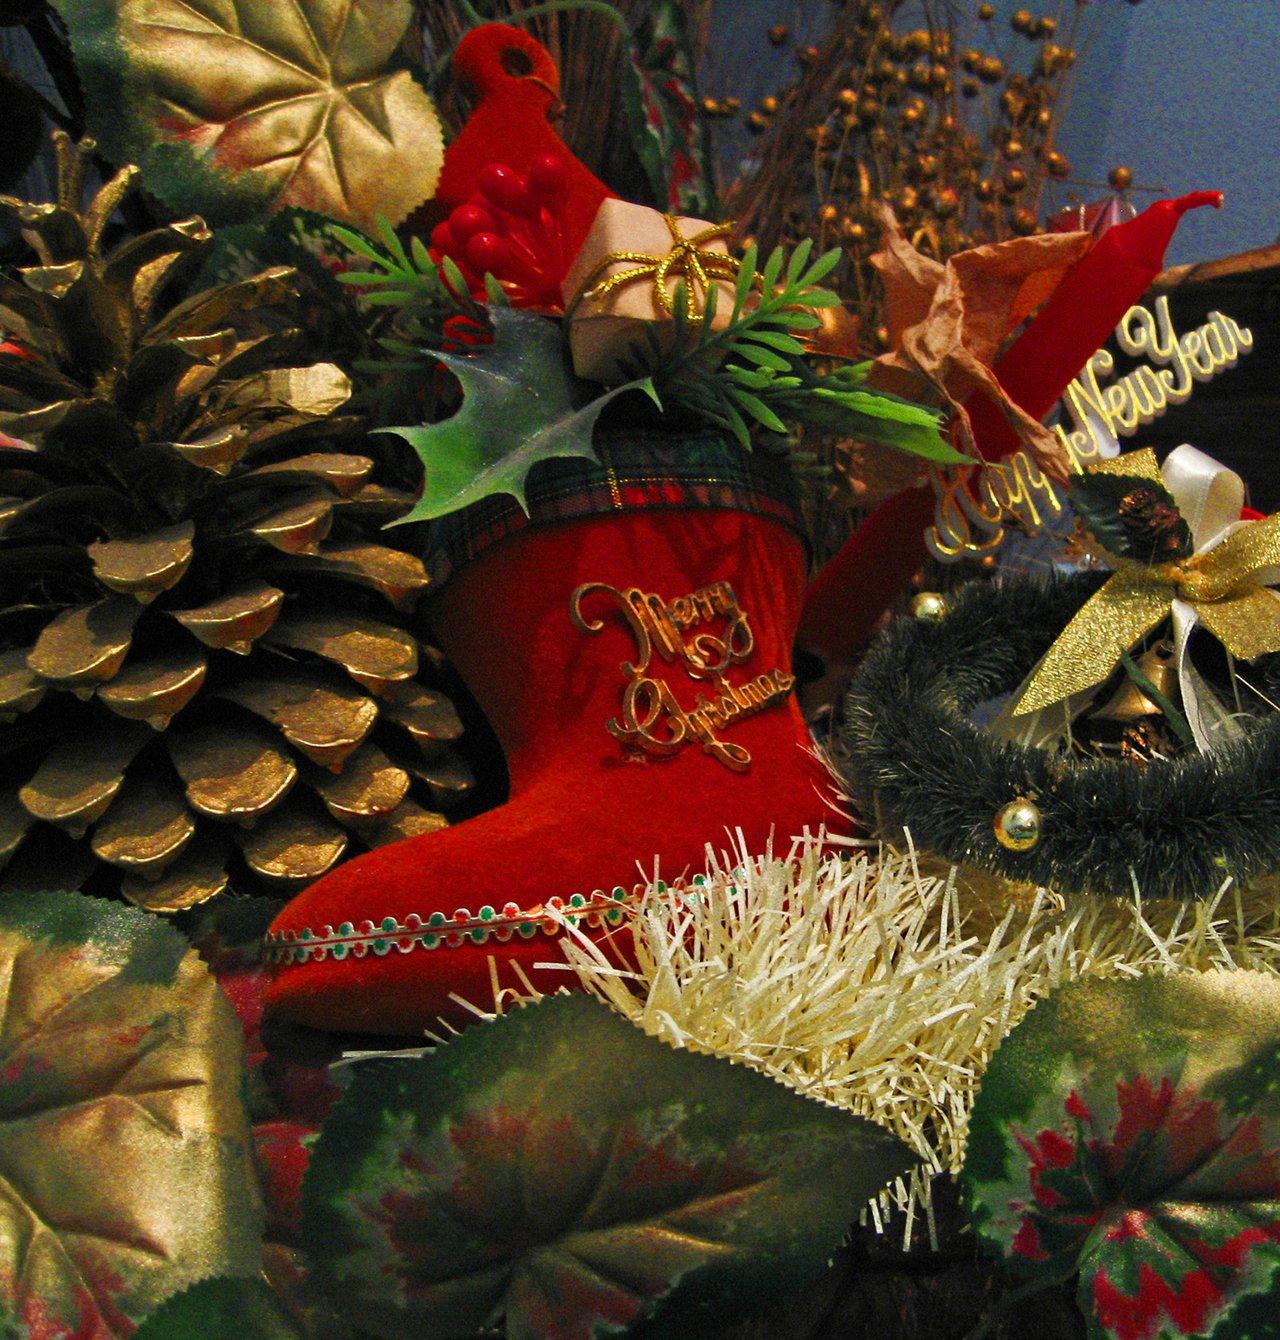 Christmas wall baskets